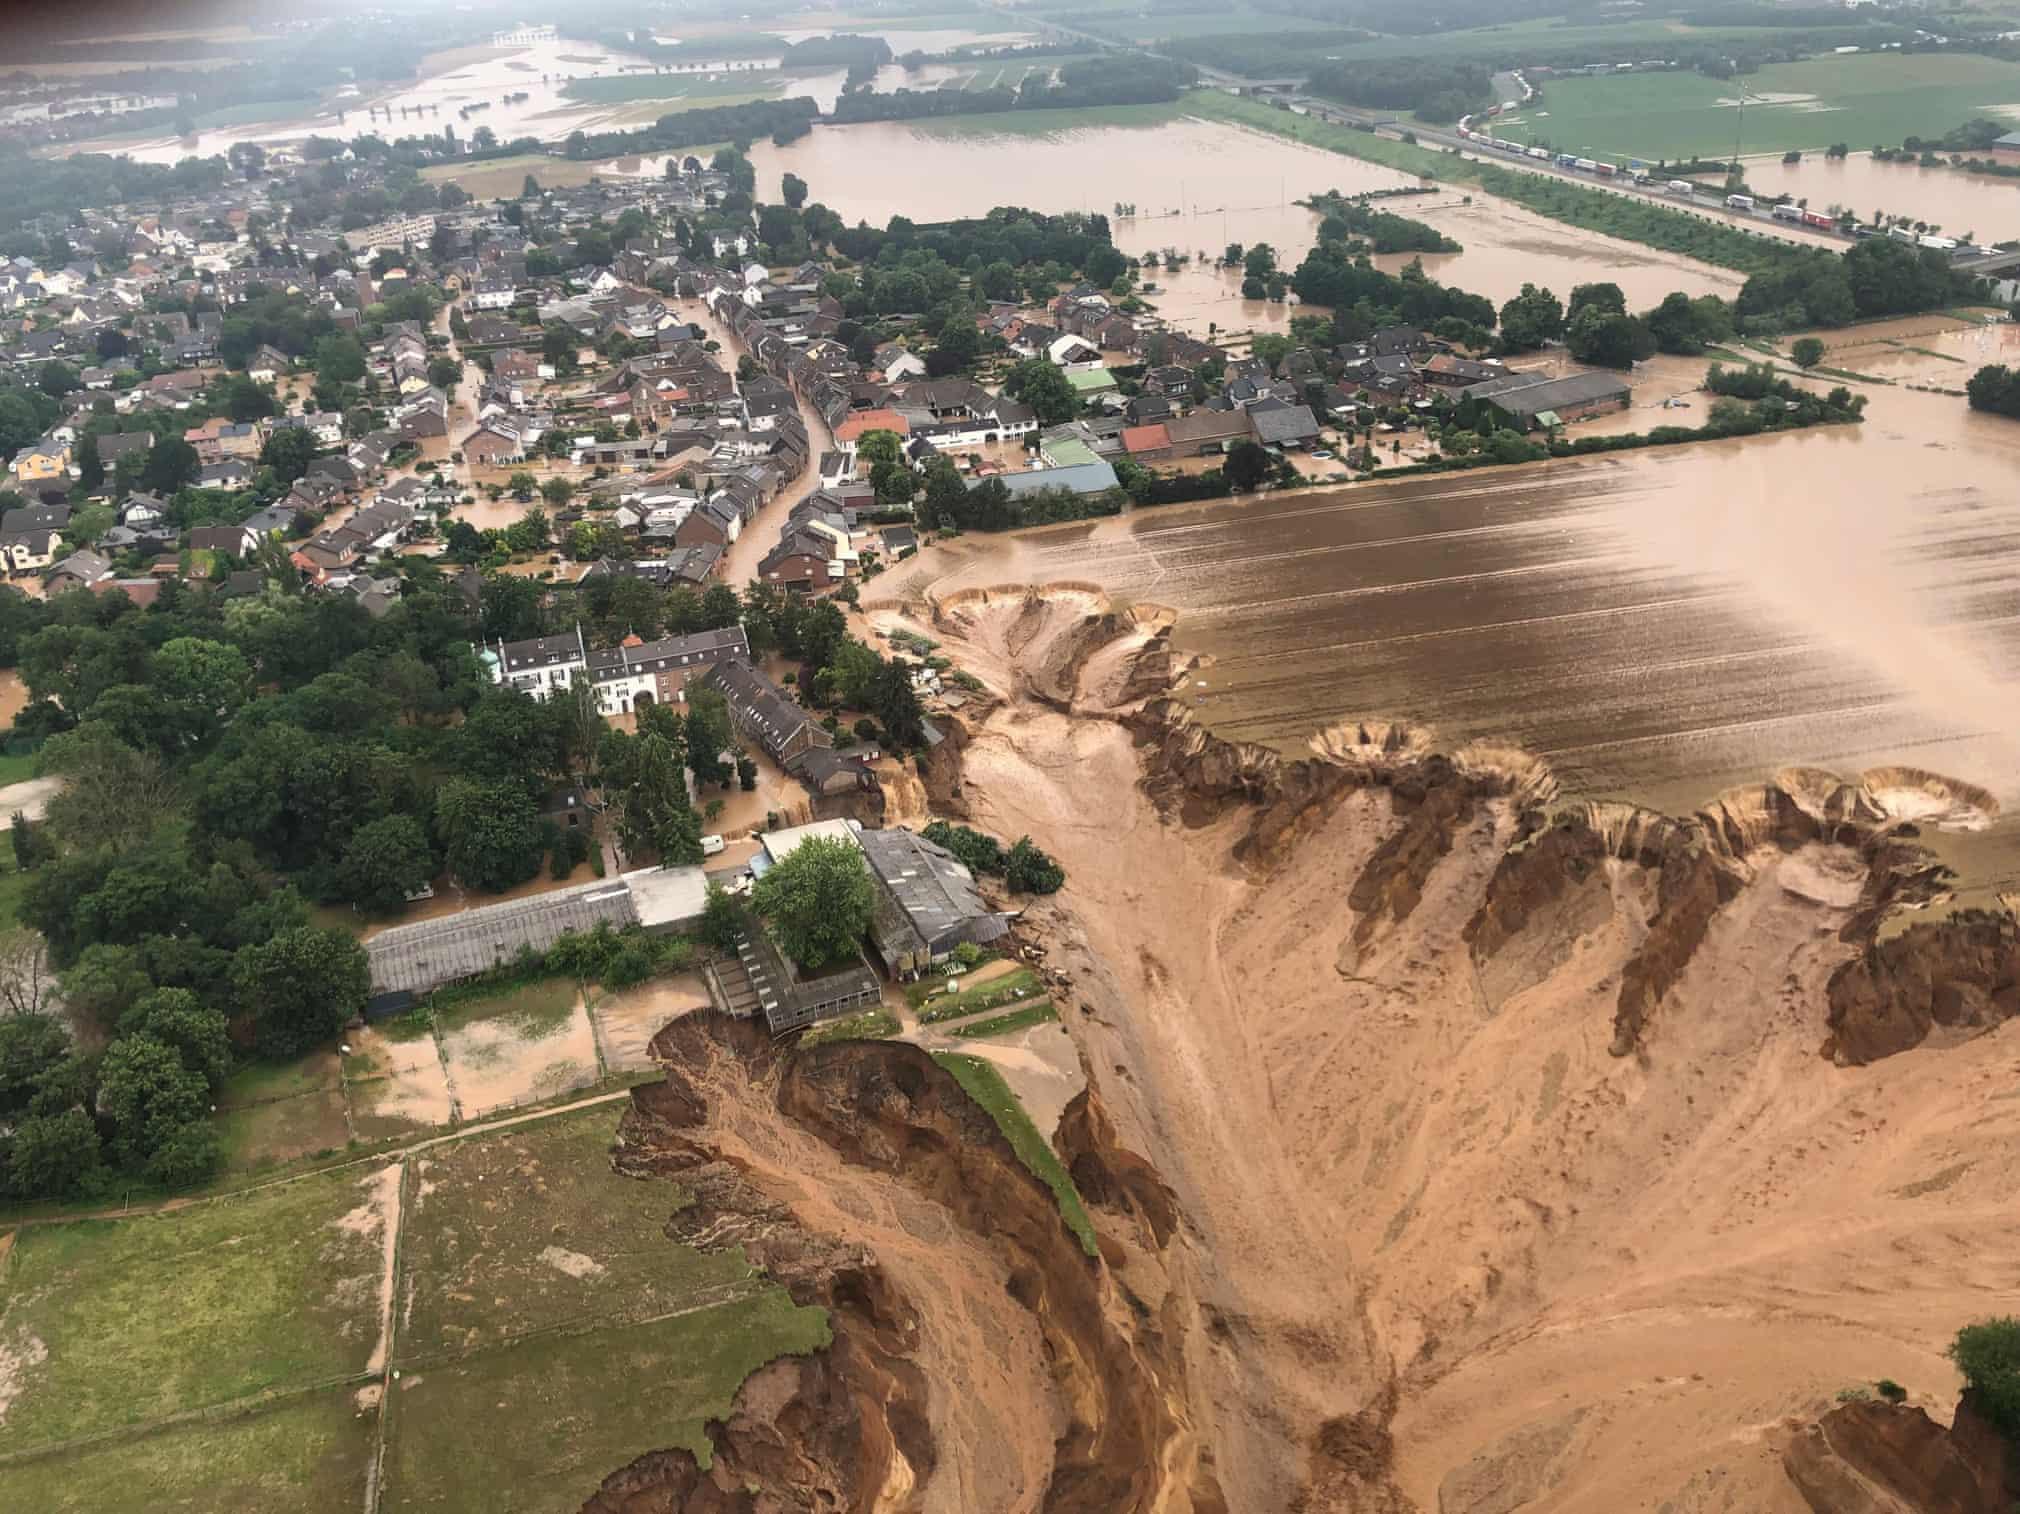 Lũ lụt, cháy rừng và loạt ảnh khủng hoảng khí hậu toàn cầu - ảnh 1